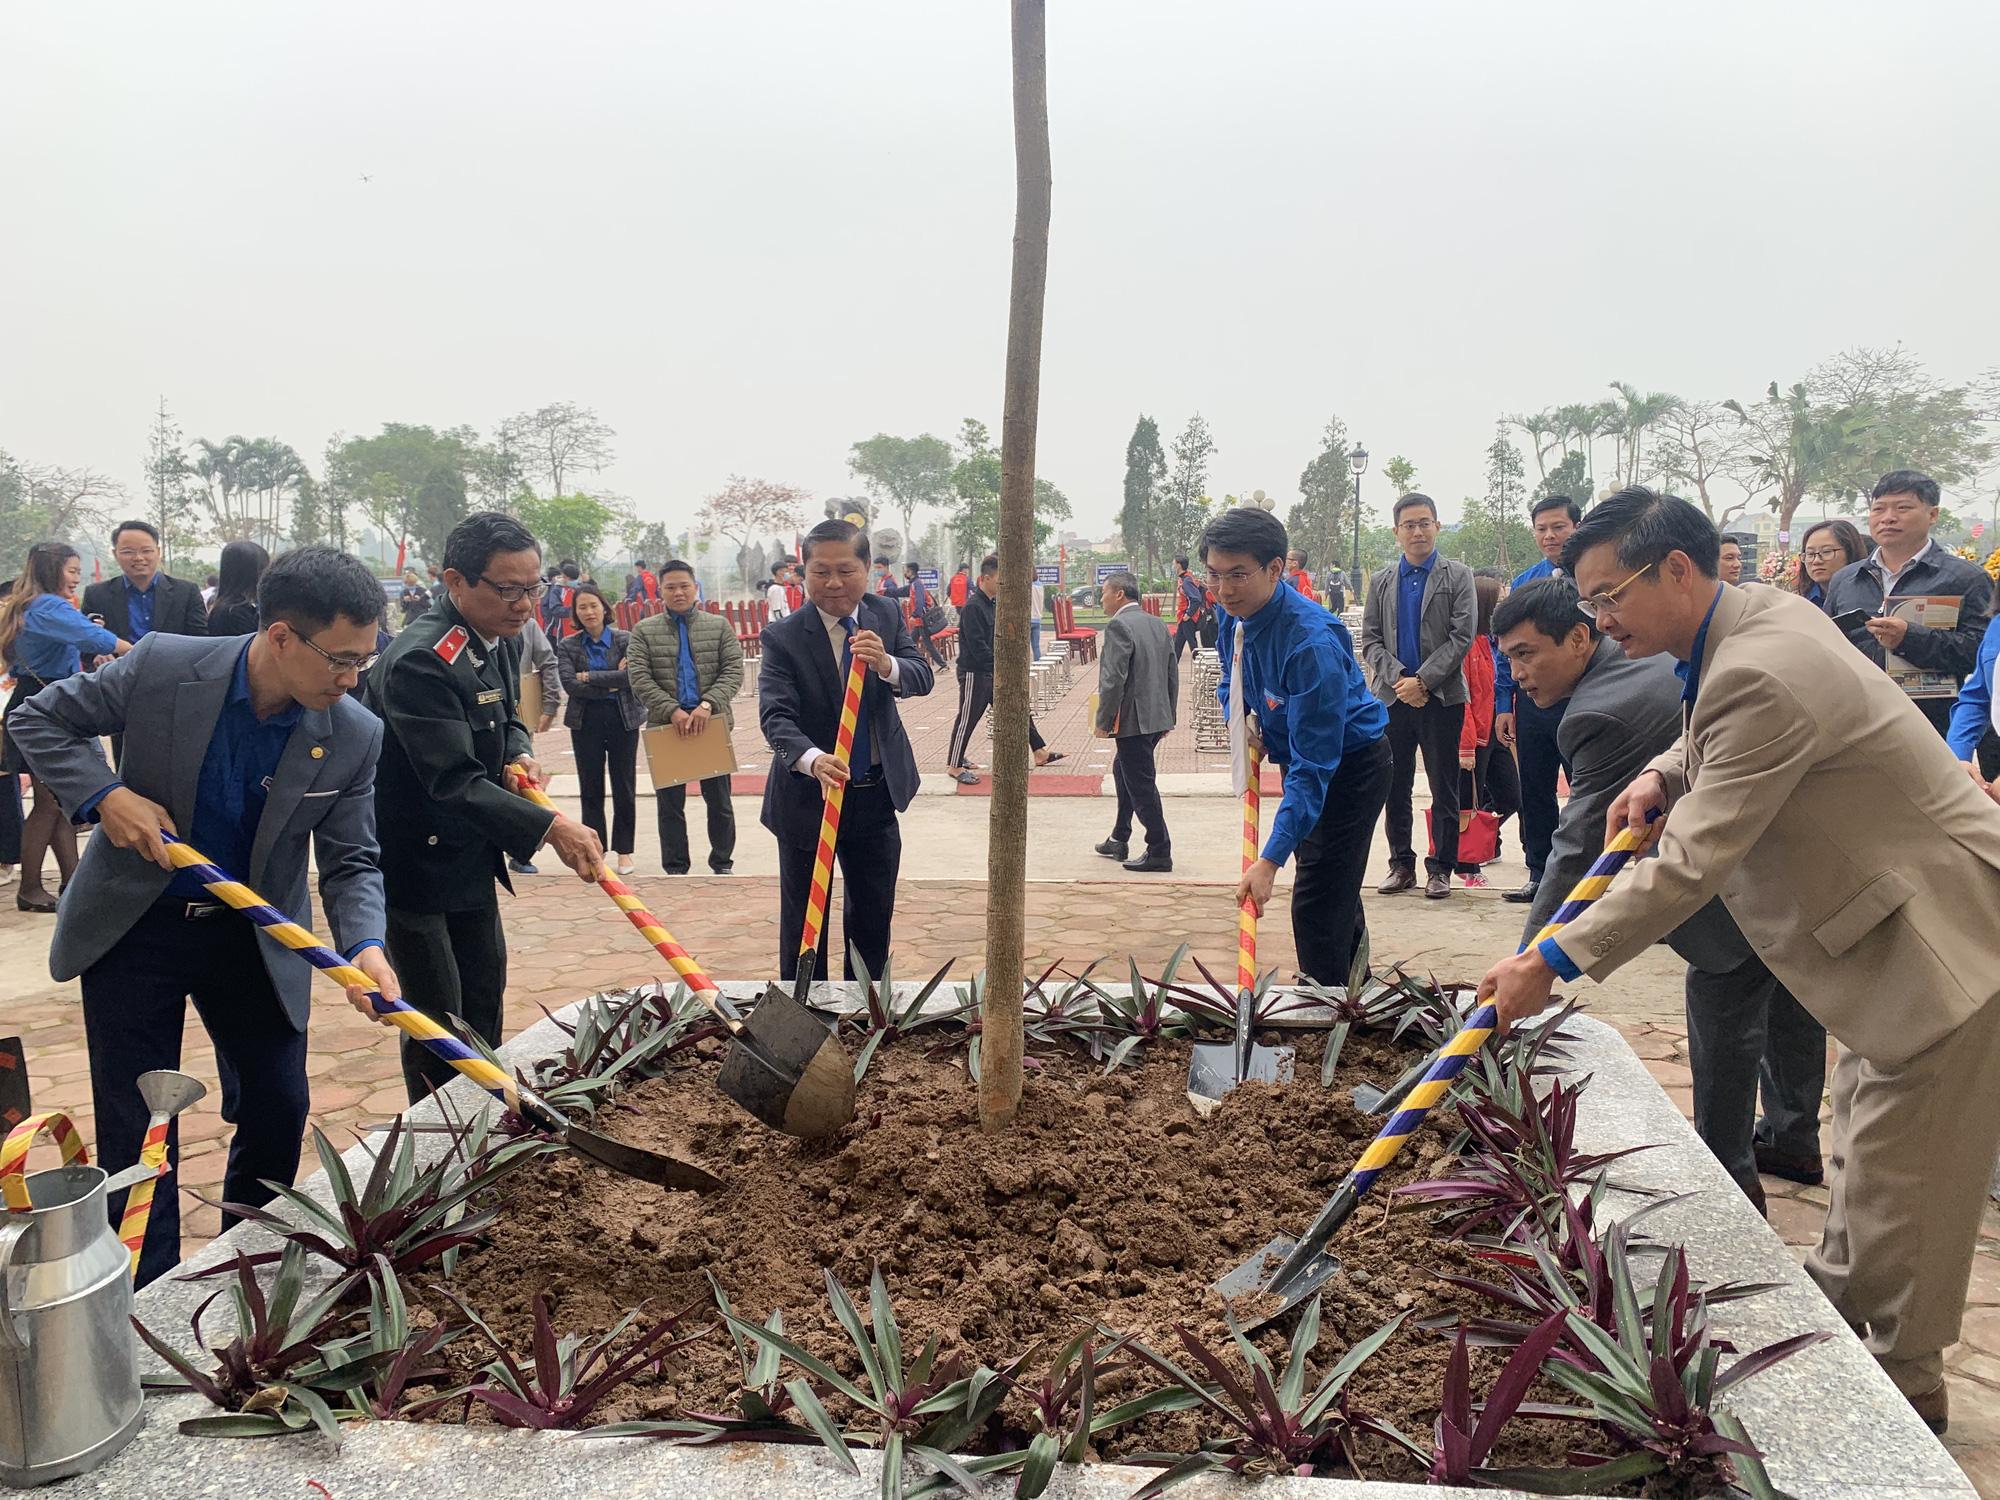 """Đoàn Thanh niên Bộ LĐ-TB&XH tổ chức Lễ kỷ niệm 90 năm Ngày thành lập Đoàn và phát động Phong trào """"Trồng thêm một cây xanh là thêm một hành động bảo vệ môi trường"""" - Ảnh 4."""